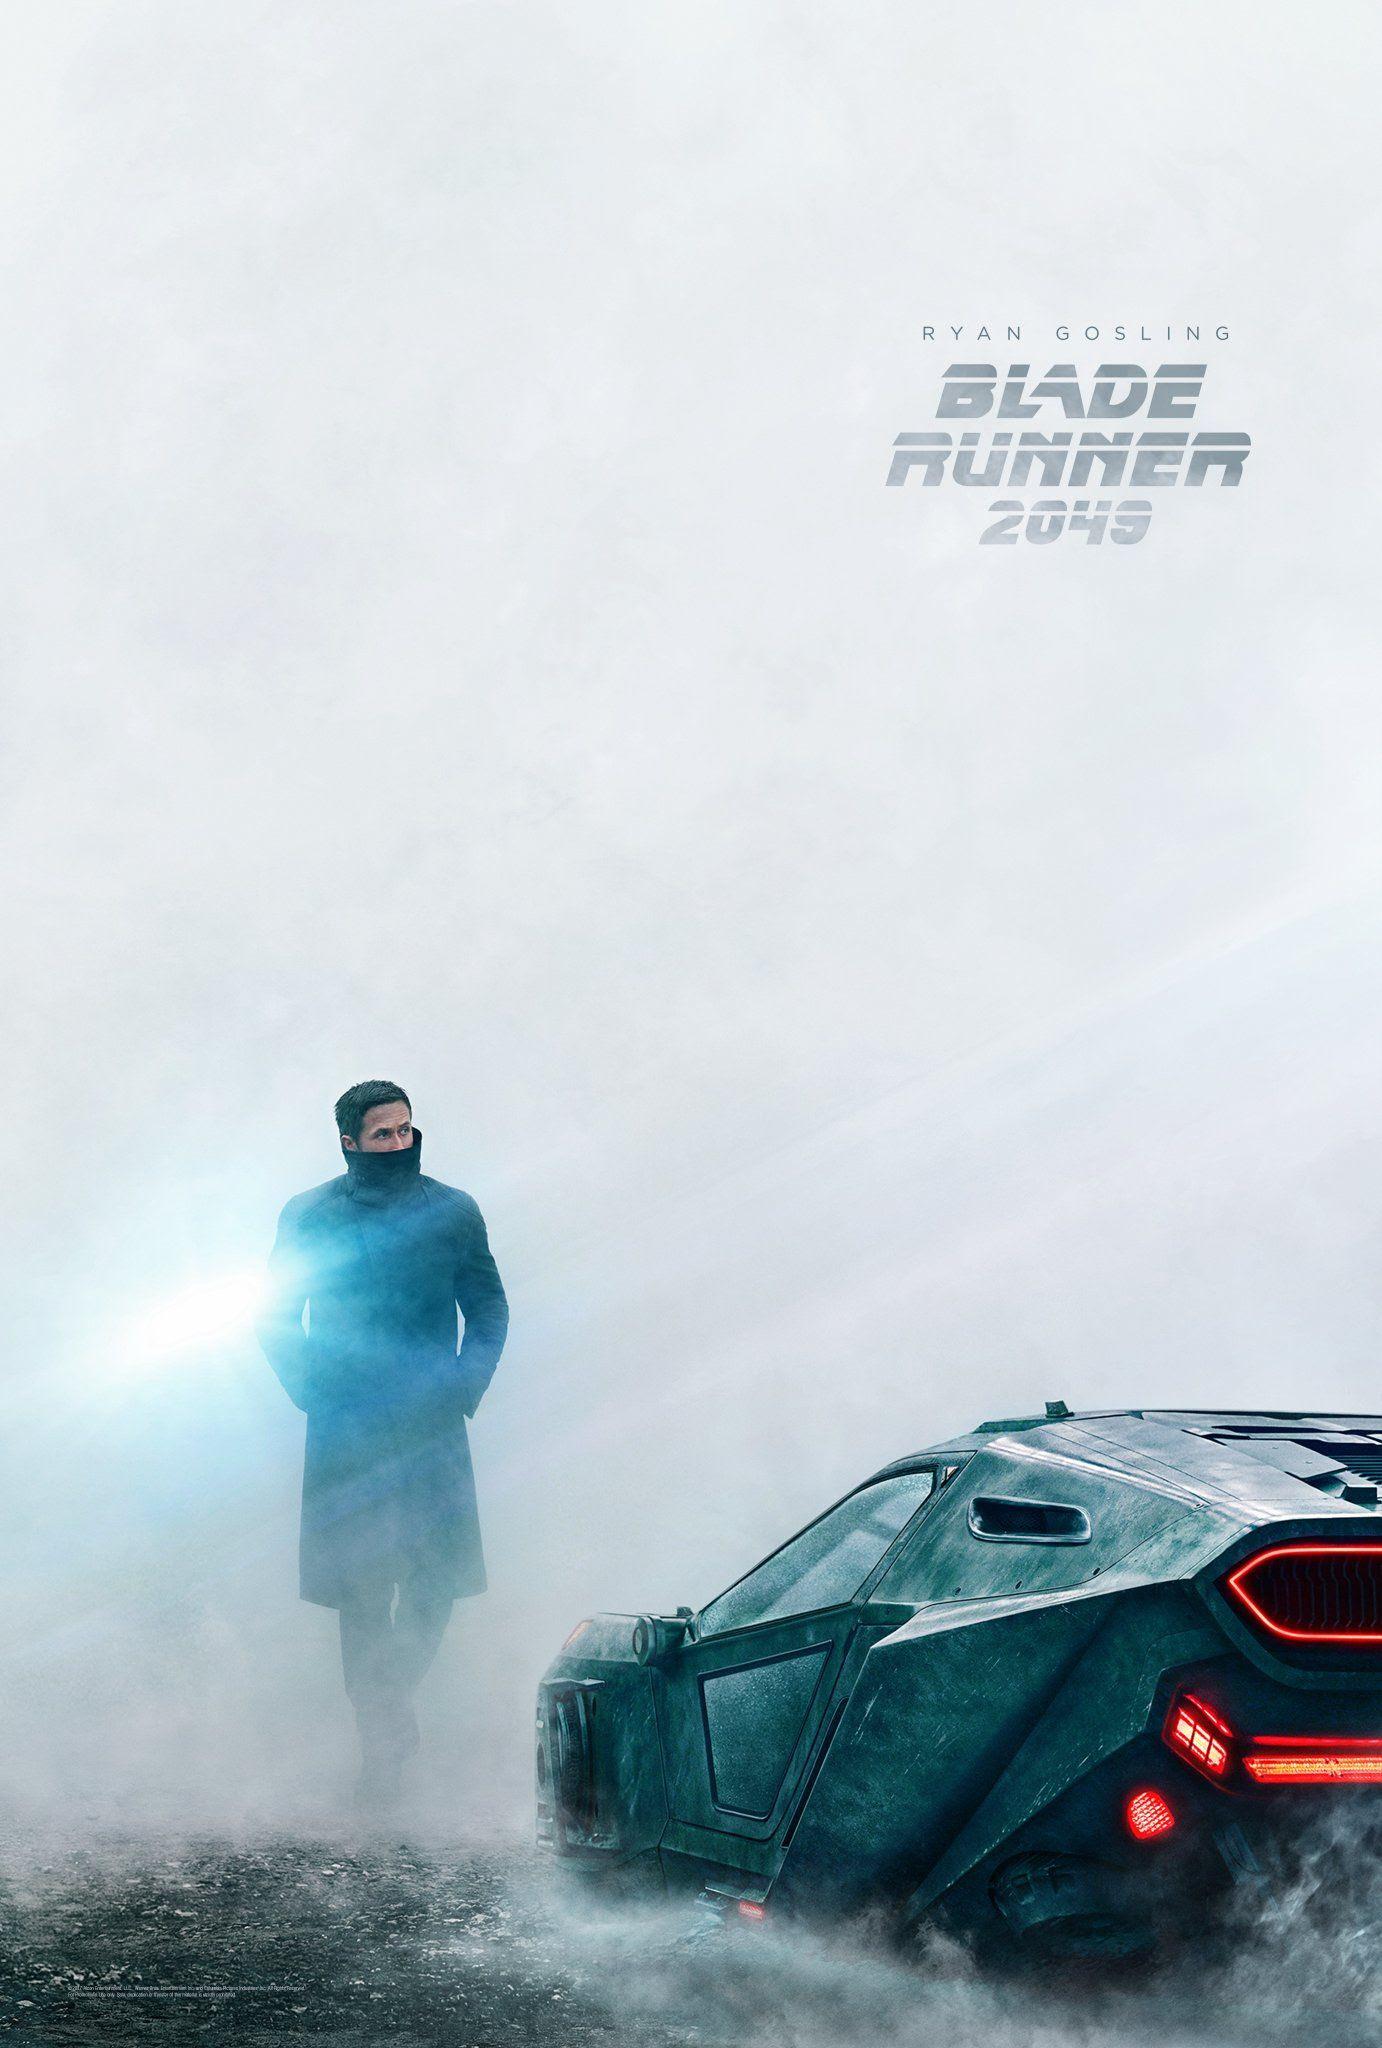 Risultati immagini per blade runner 2049 poster